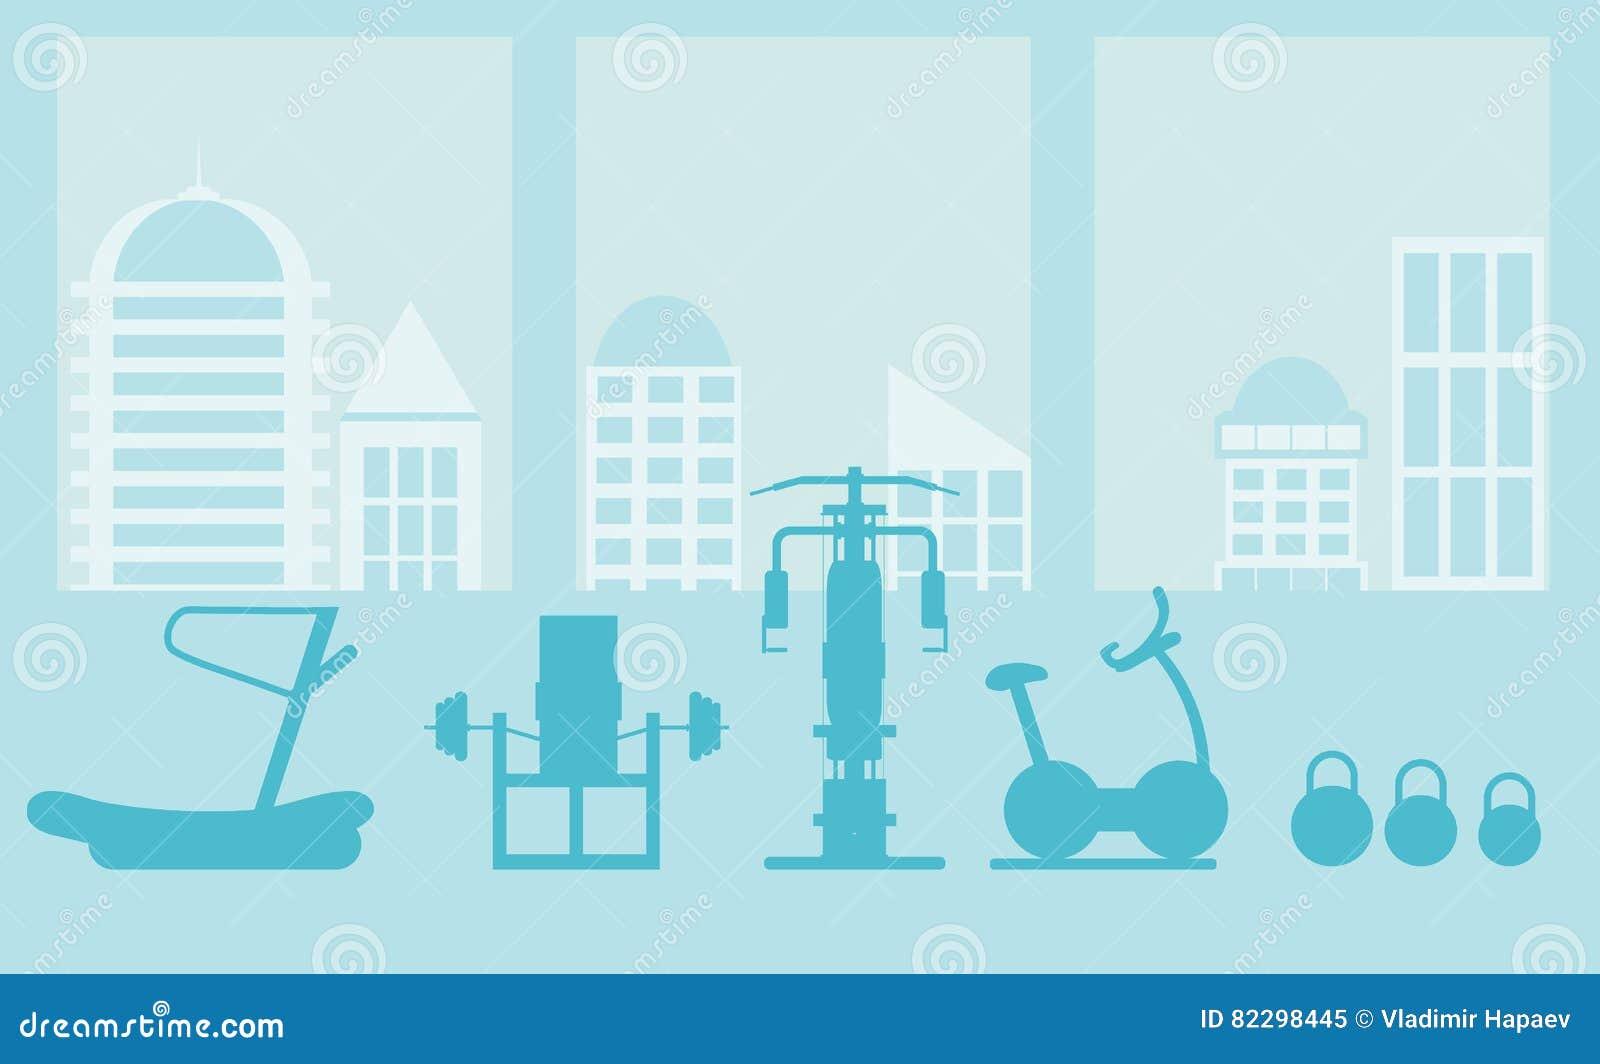 Eignungsturnhallen-Innenschablone mit Sportausrüstungen und Herz Ausrüstung, Hometrainer, Tretmühlen, elliptisch